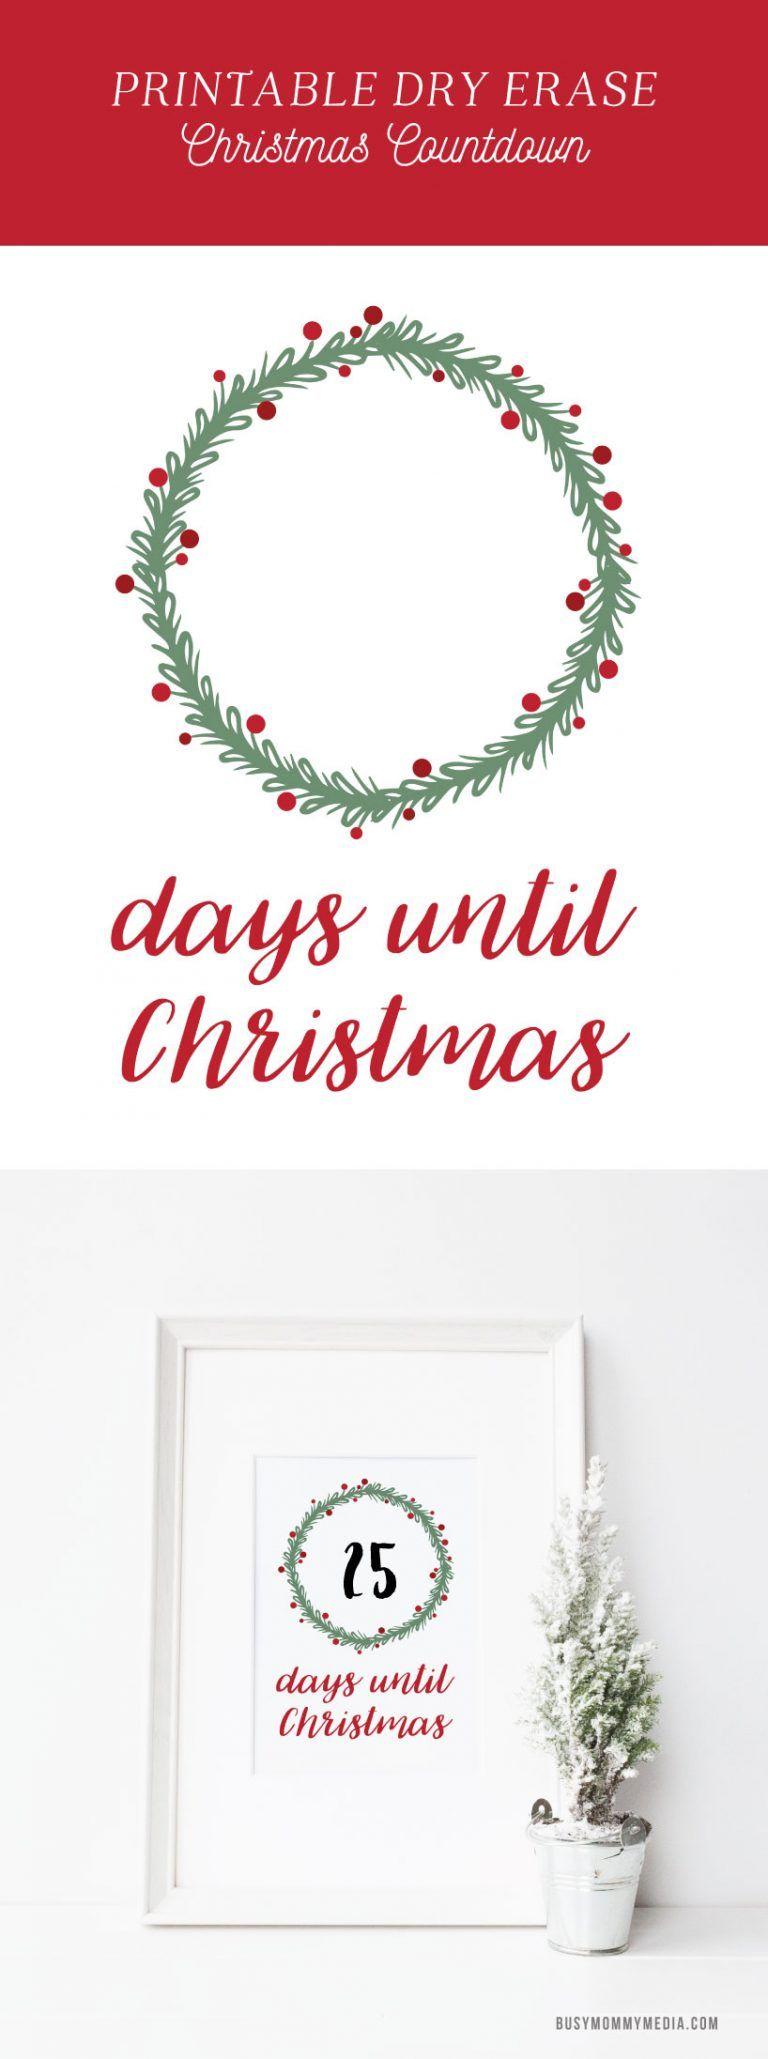 Days Until Christmas Printable.Printable Dry Erase Christmas Countdown Printables